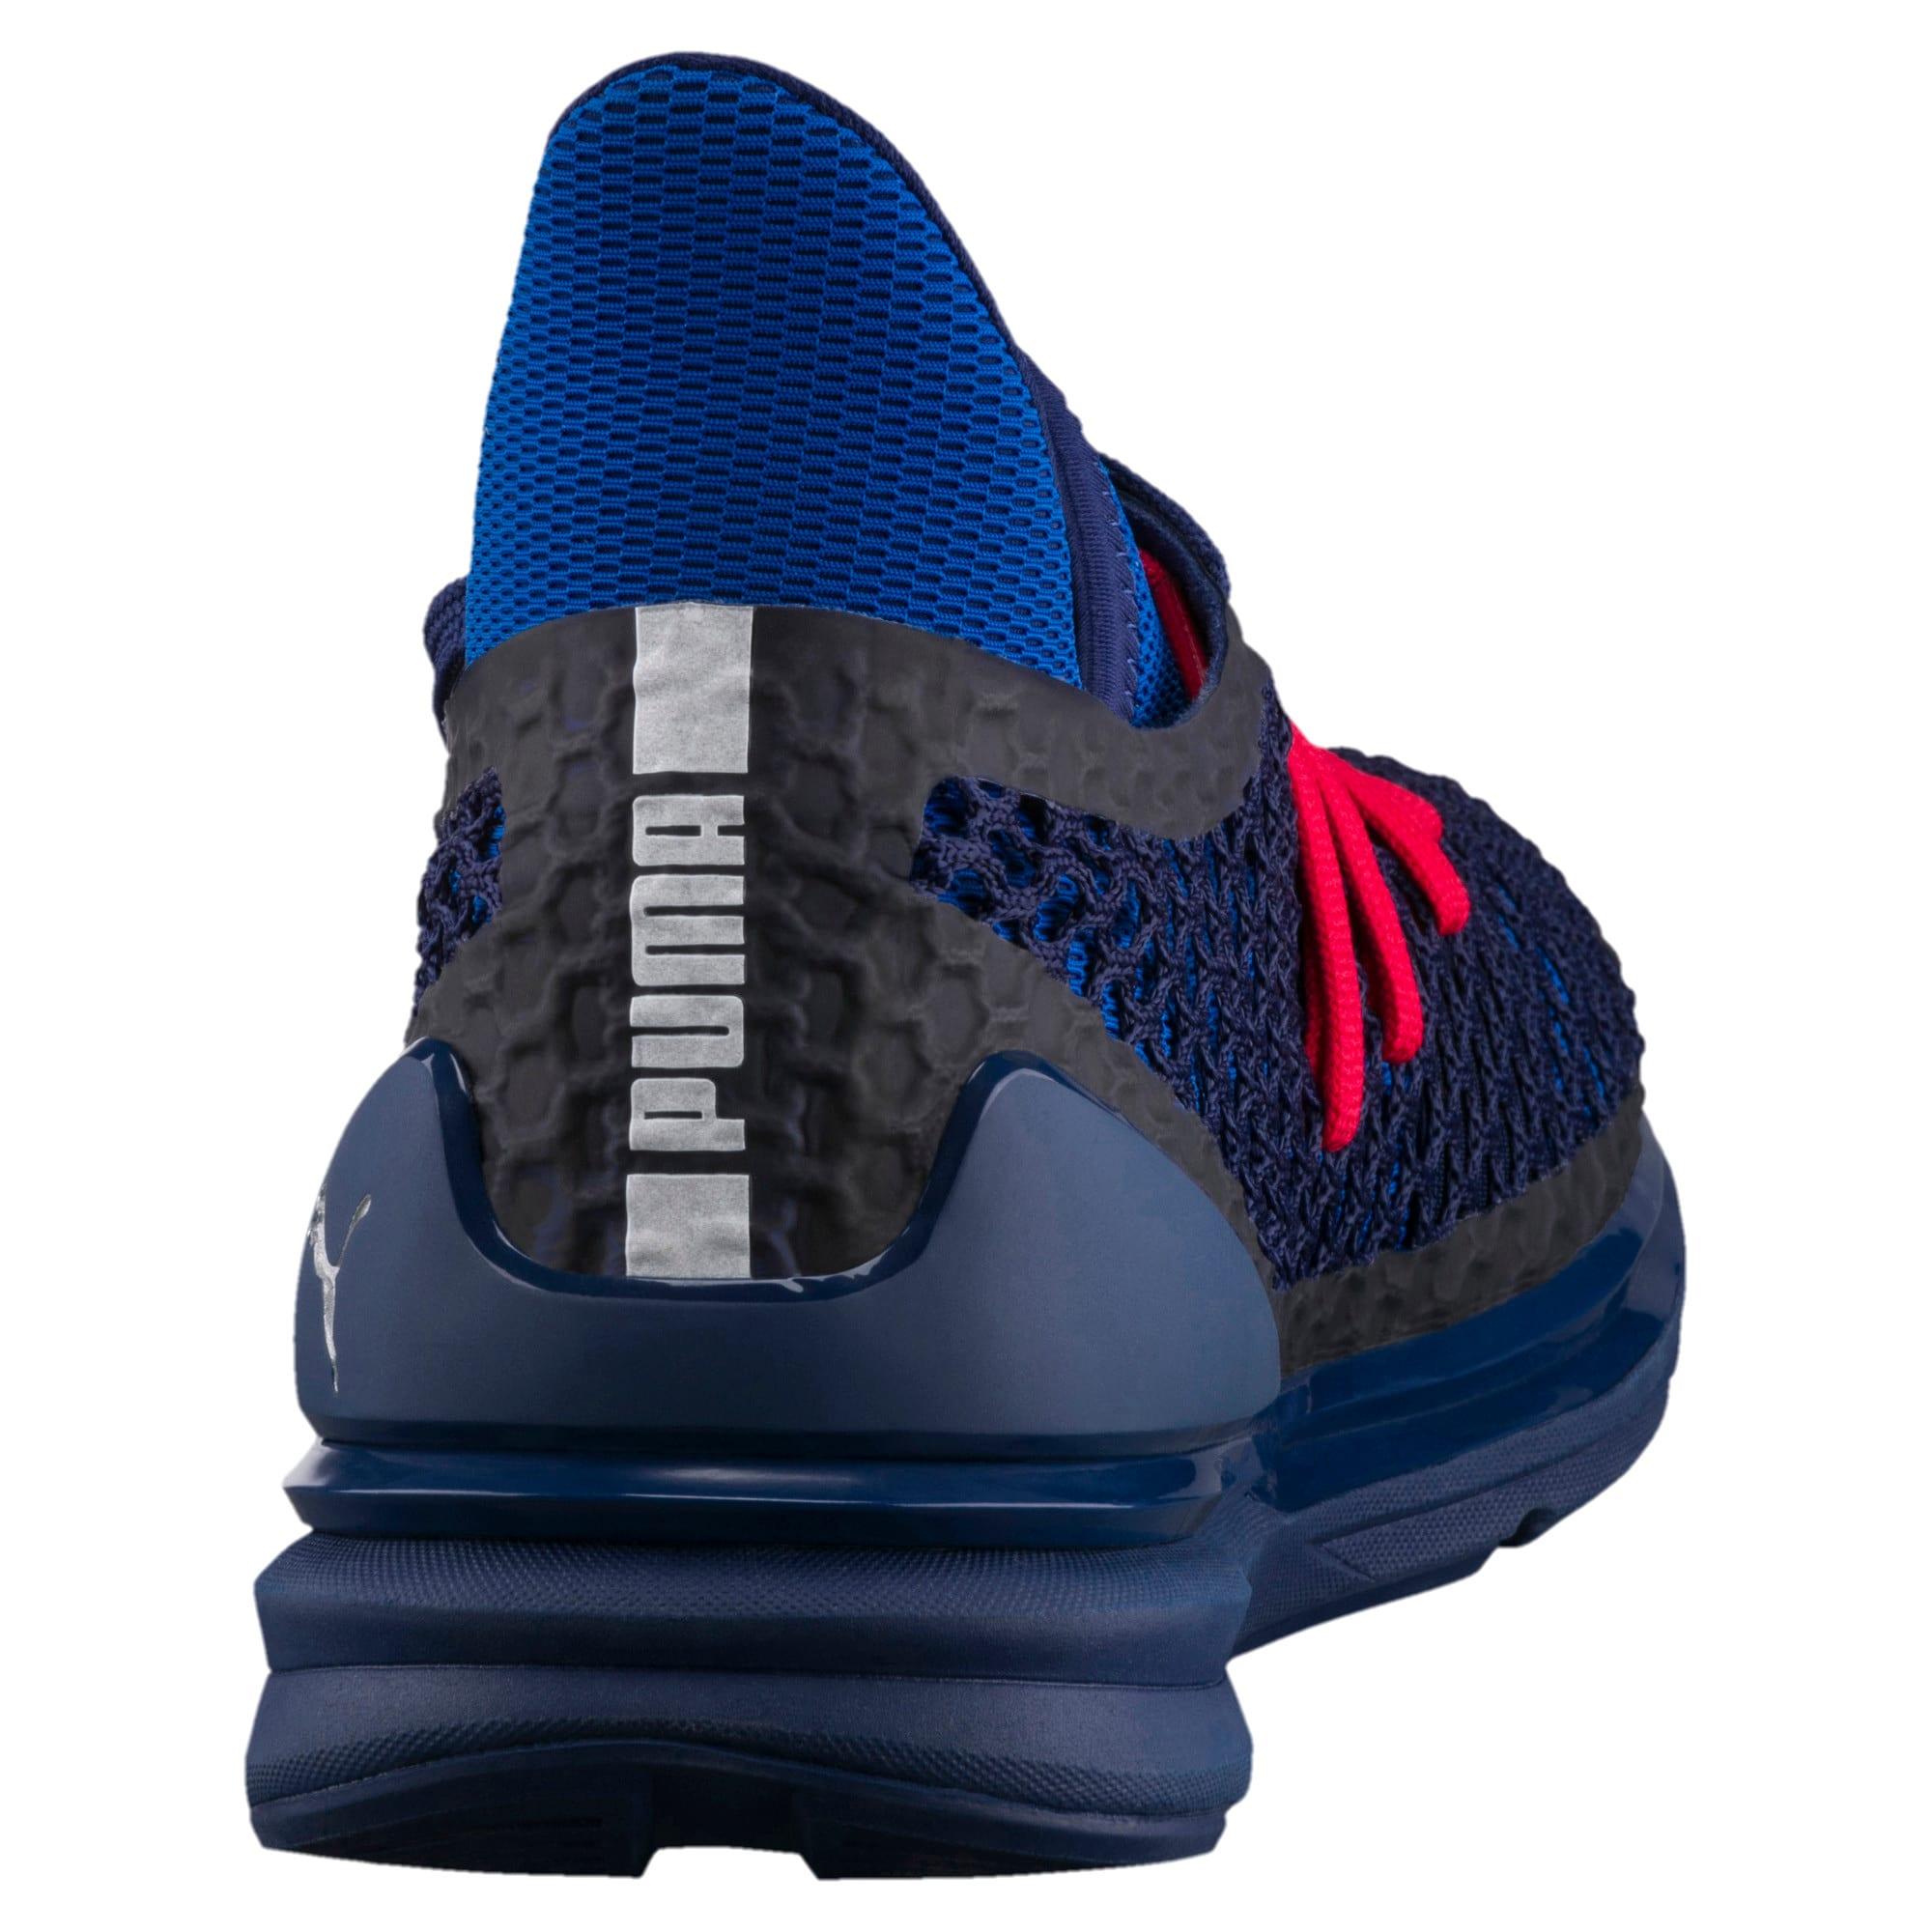 huge selection of 375e3 5e91e IGNITE Limitless NETFIT Men's Sneakers